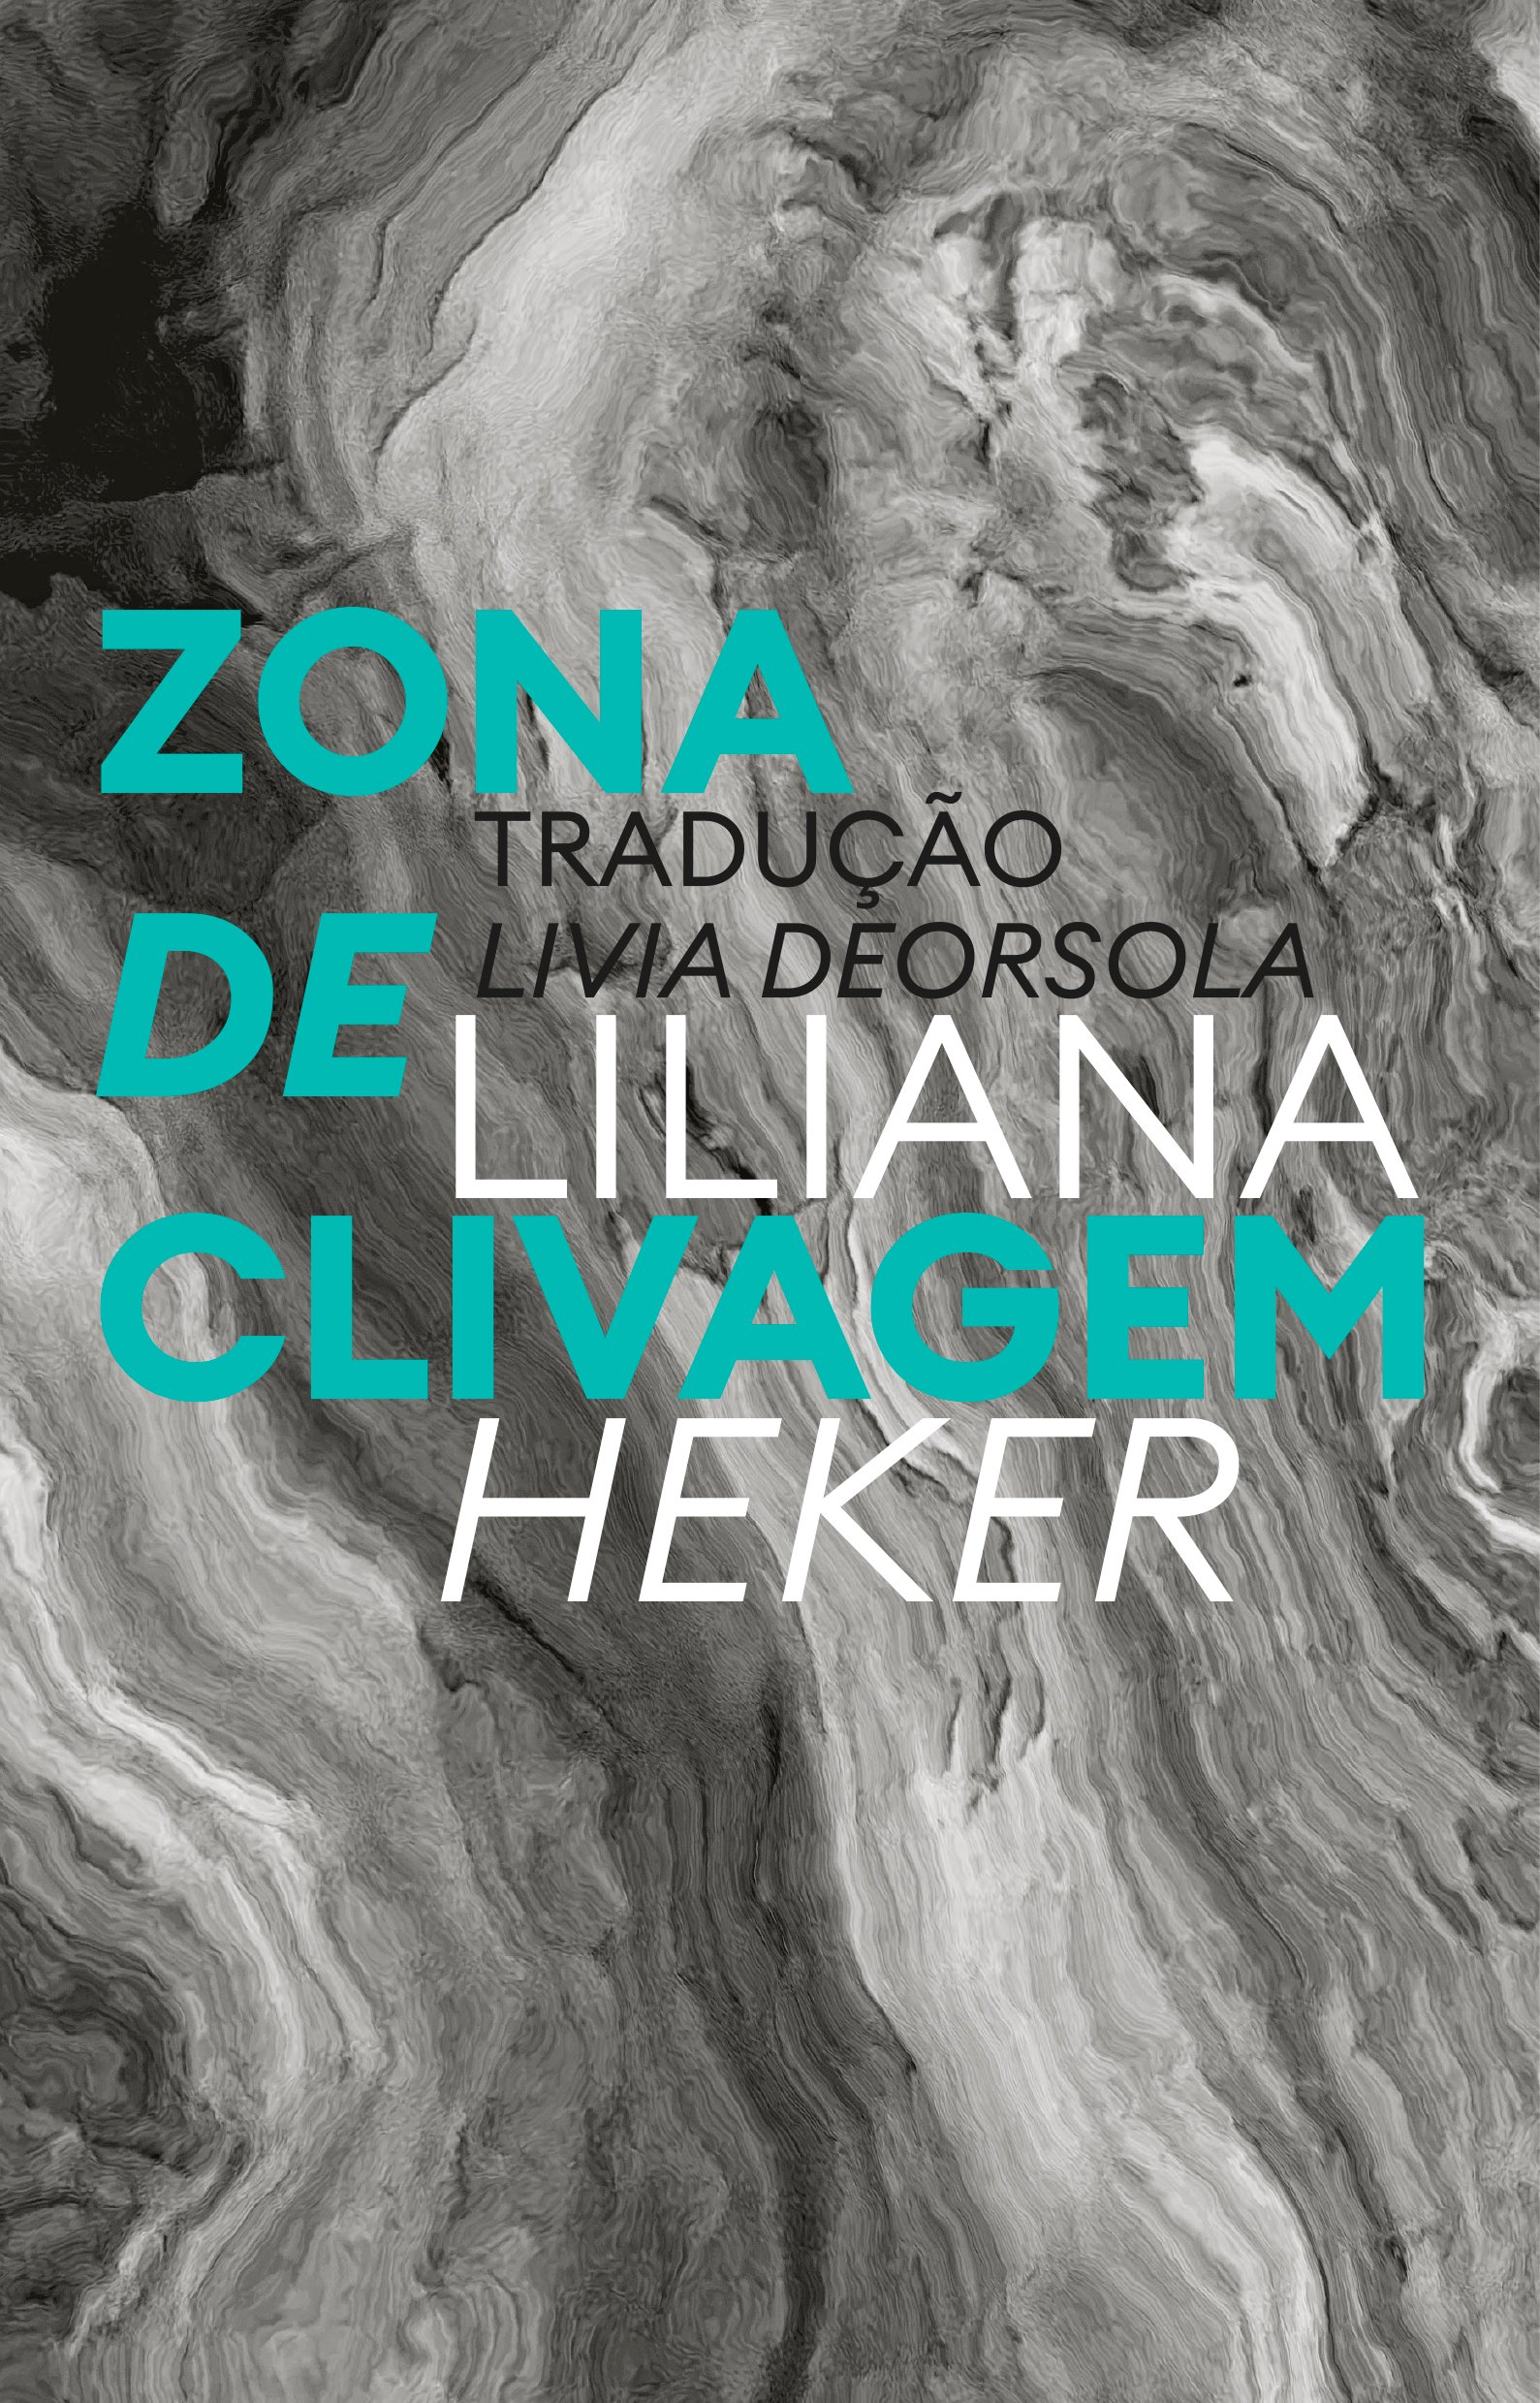 Zona de clivagem, livro de Liliana Heker